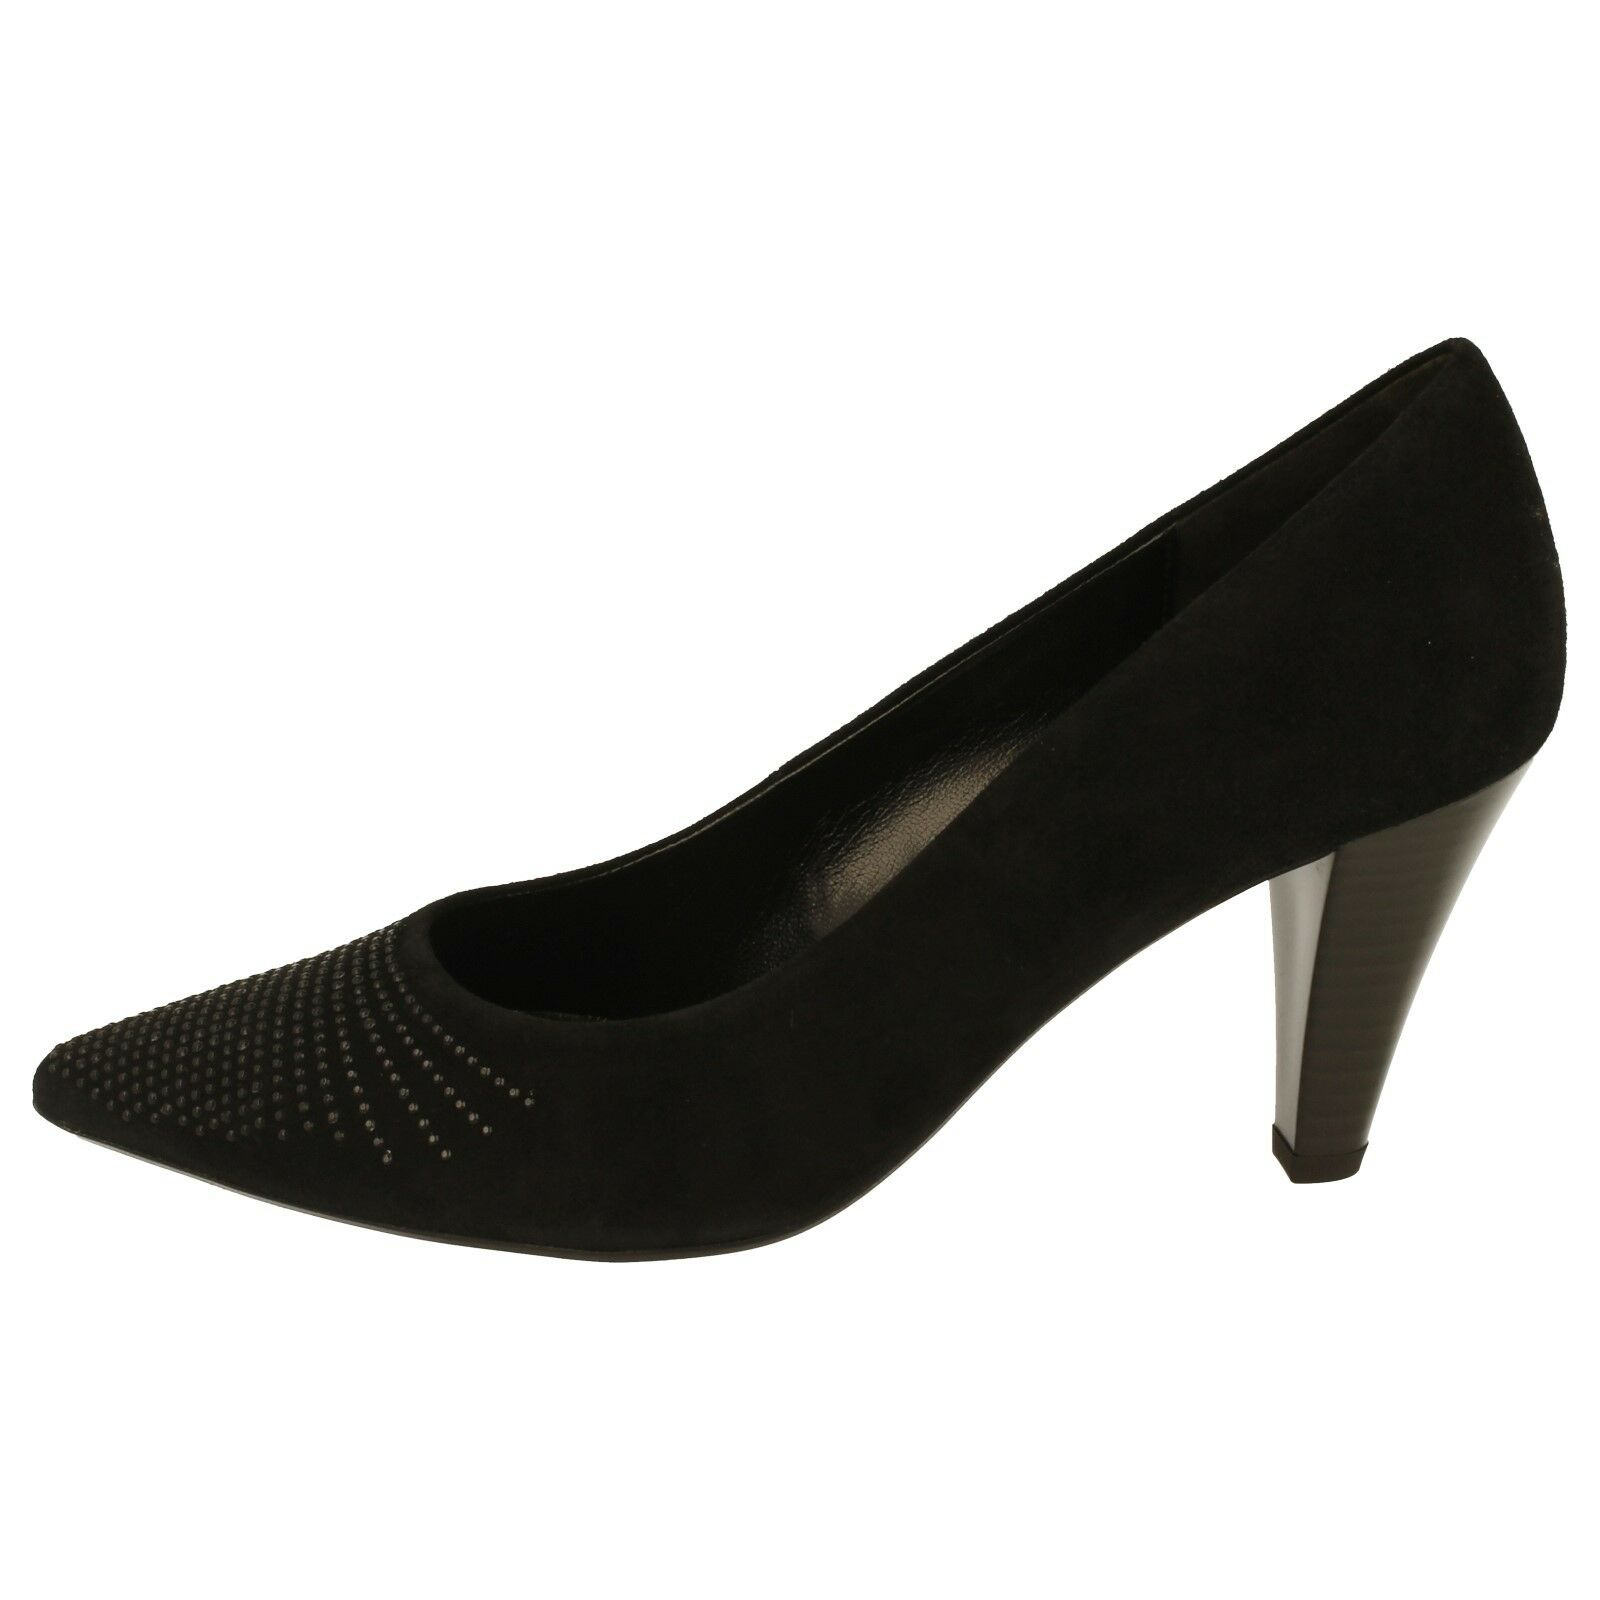 Mujer GABOR Zapatos 31281 (dalcross) Negro Zapatos De Salón Mediano Ante Tacón Mediano Salón e417b0